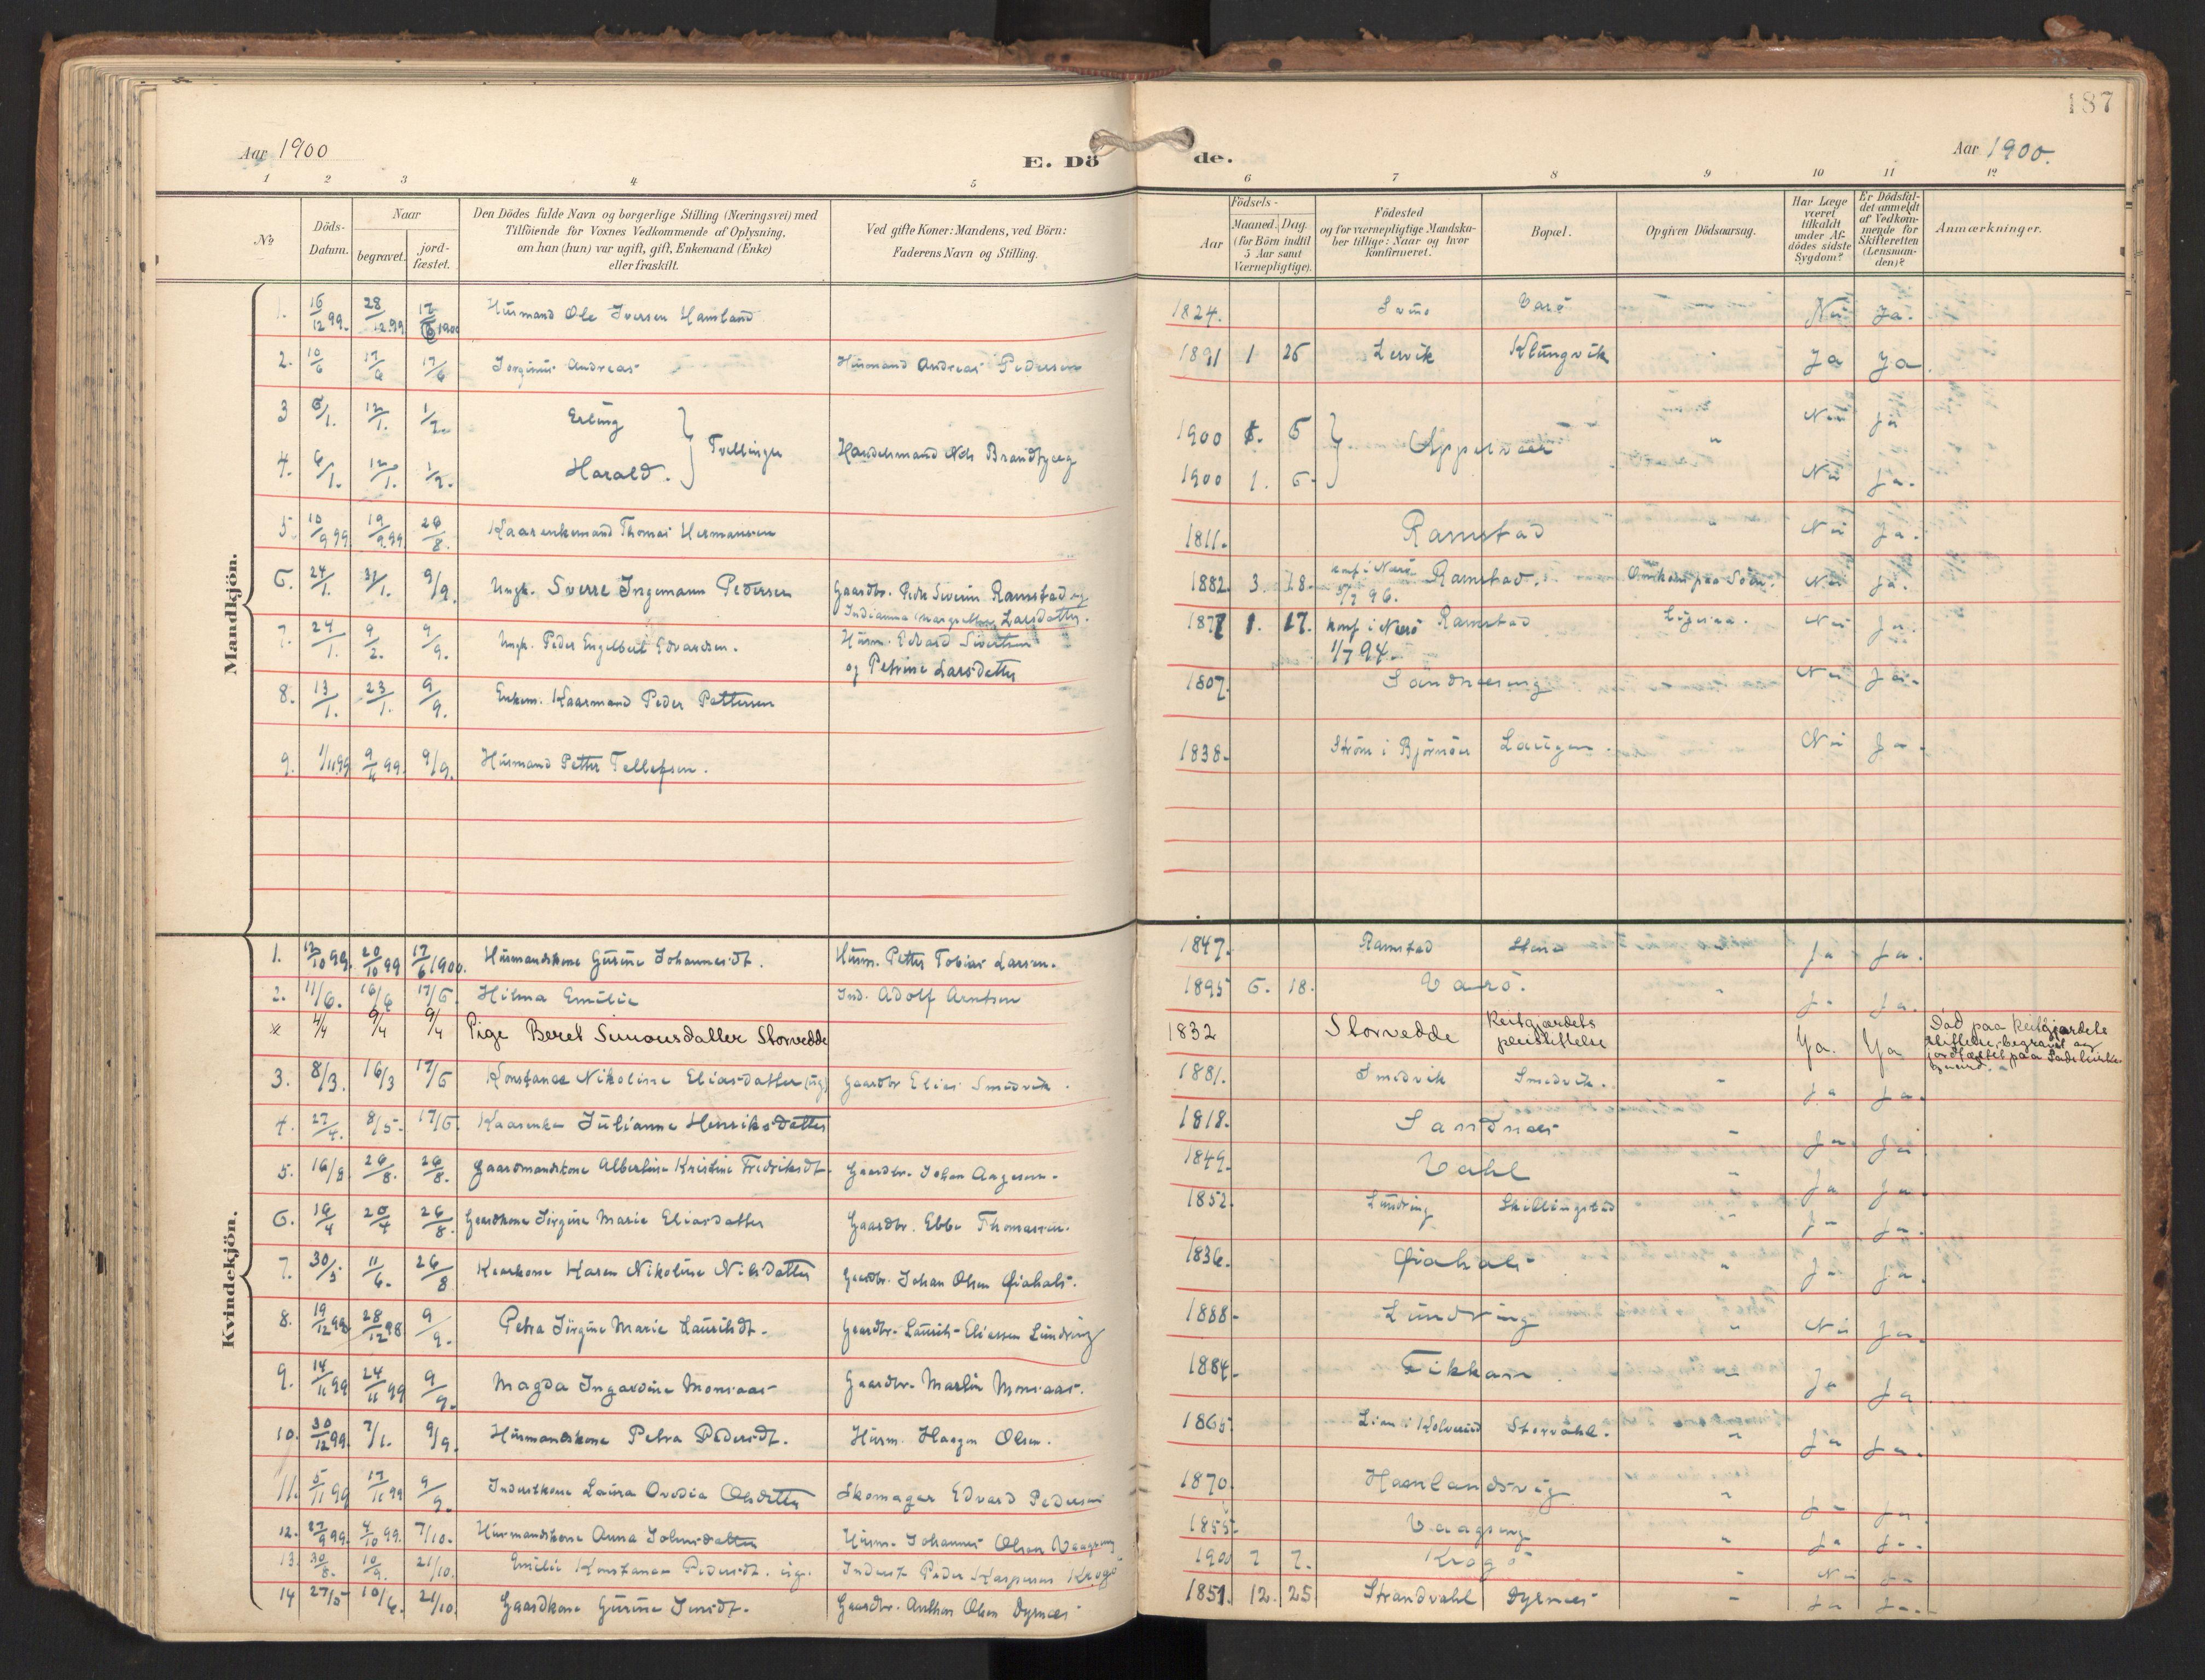 SAT, Ministerialprotokoller, klokkerbøker og fødselsregistre - Nord-Trøndelag, 784/L0677: Ministerialbok nr. 784A12, 1900-1920, s. 187